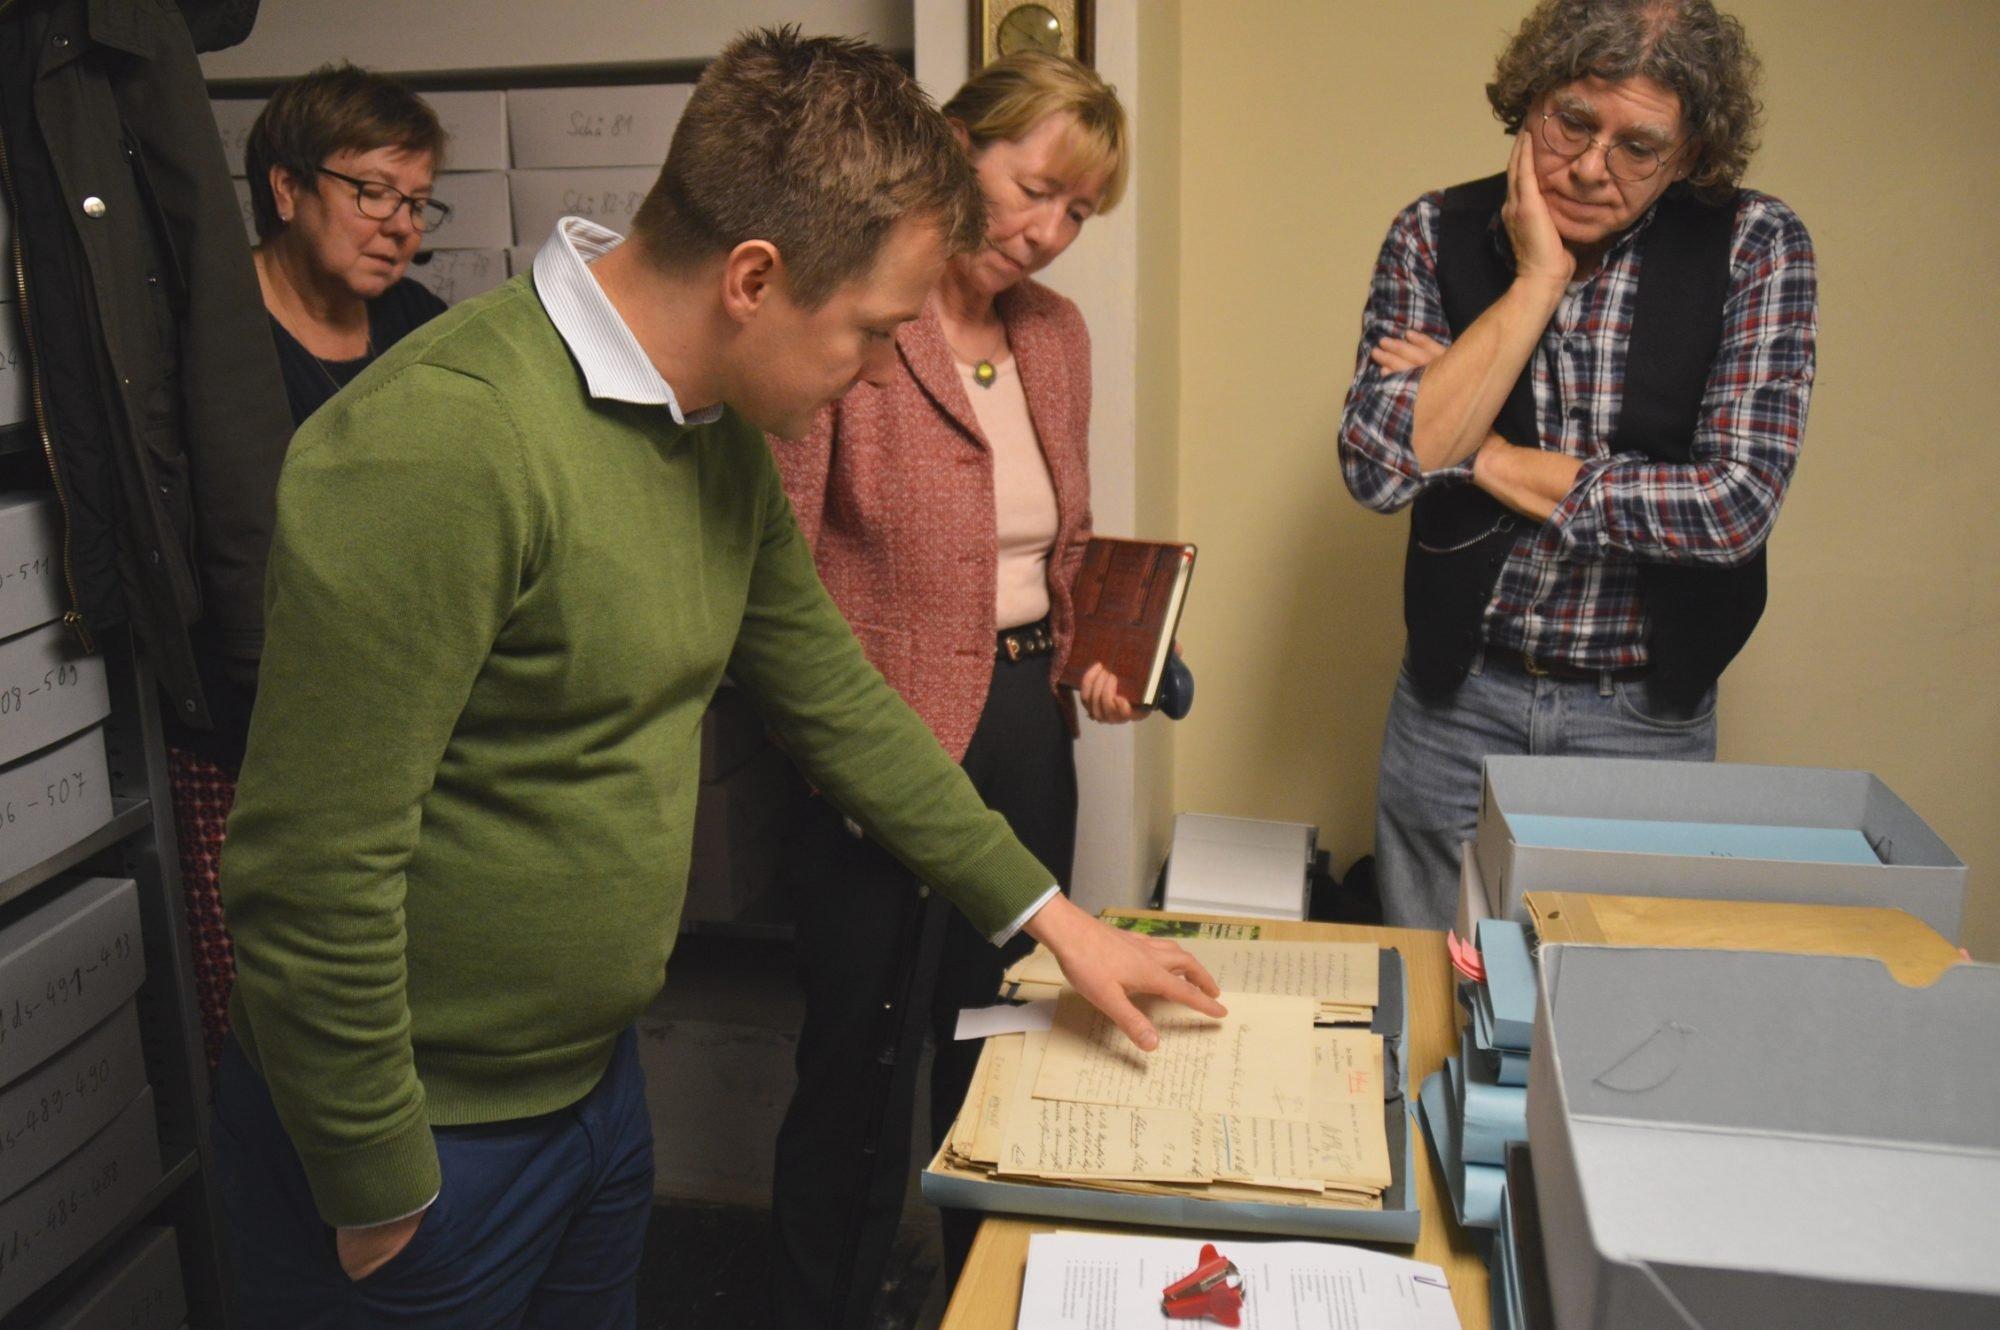 Vier Personen stehen im alten Archivraum um einen Tisch herum und betrachten alte Akten.